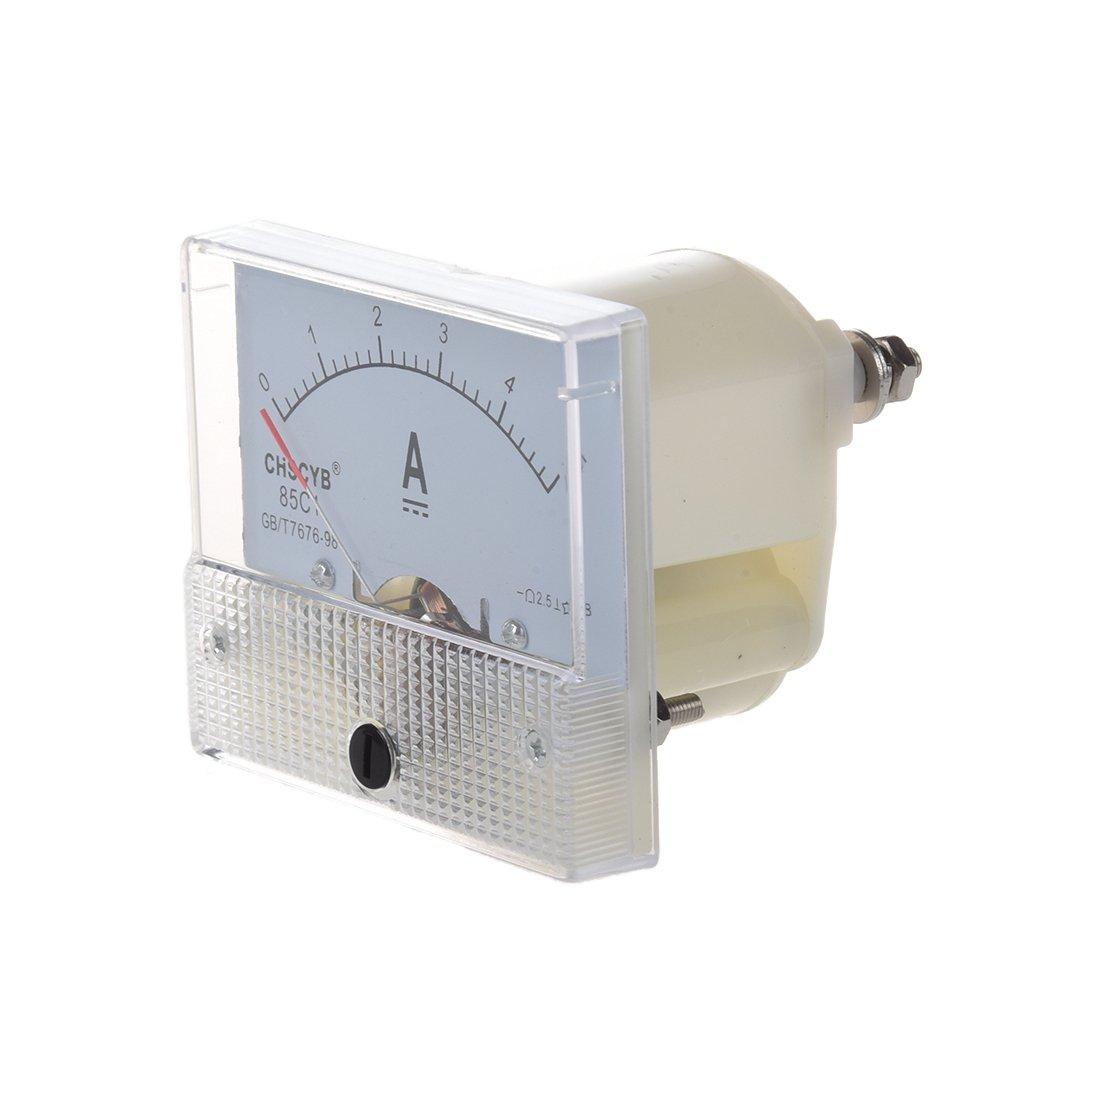 R 85C1-A Analogique Panneau de courant Metre CC 5A AMP Amperemetre SODIAL